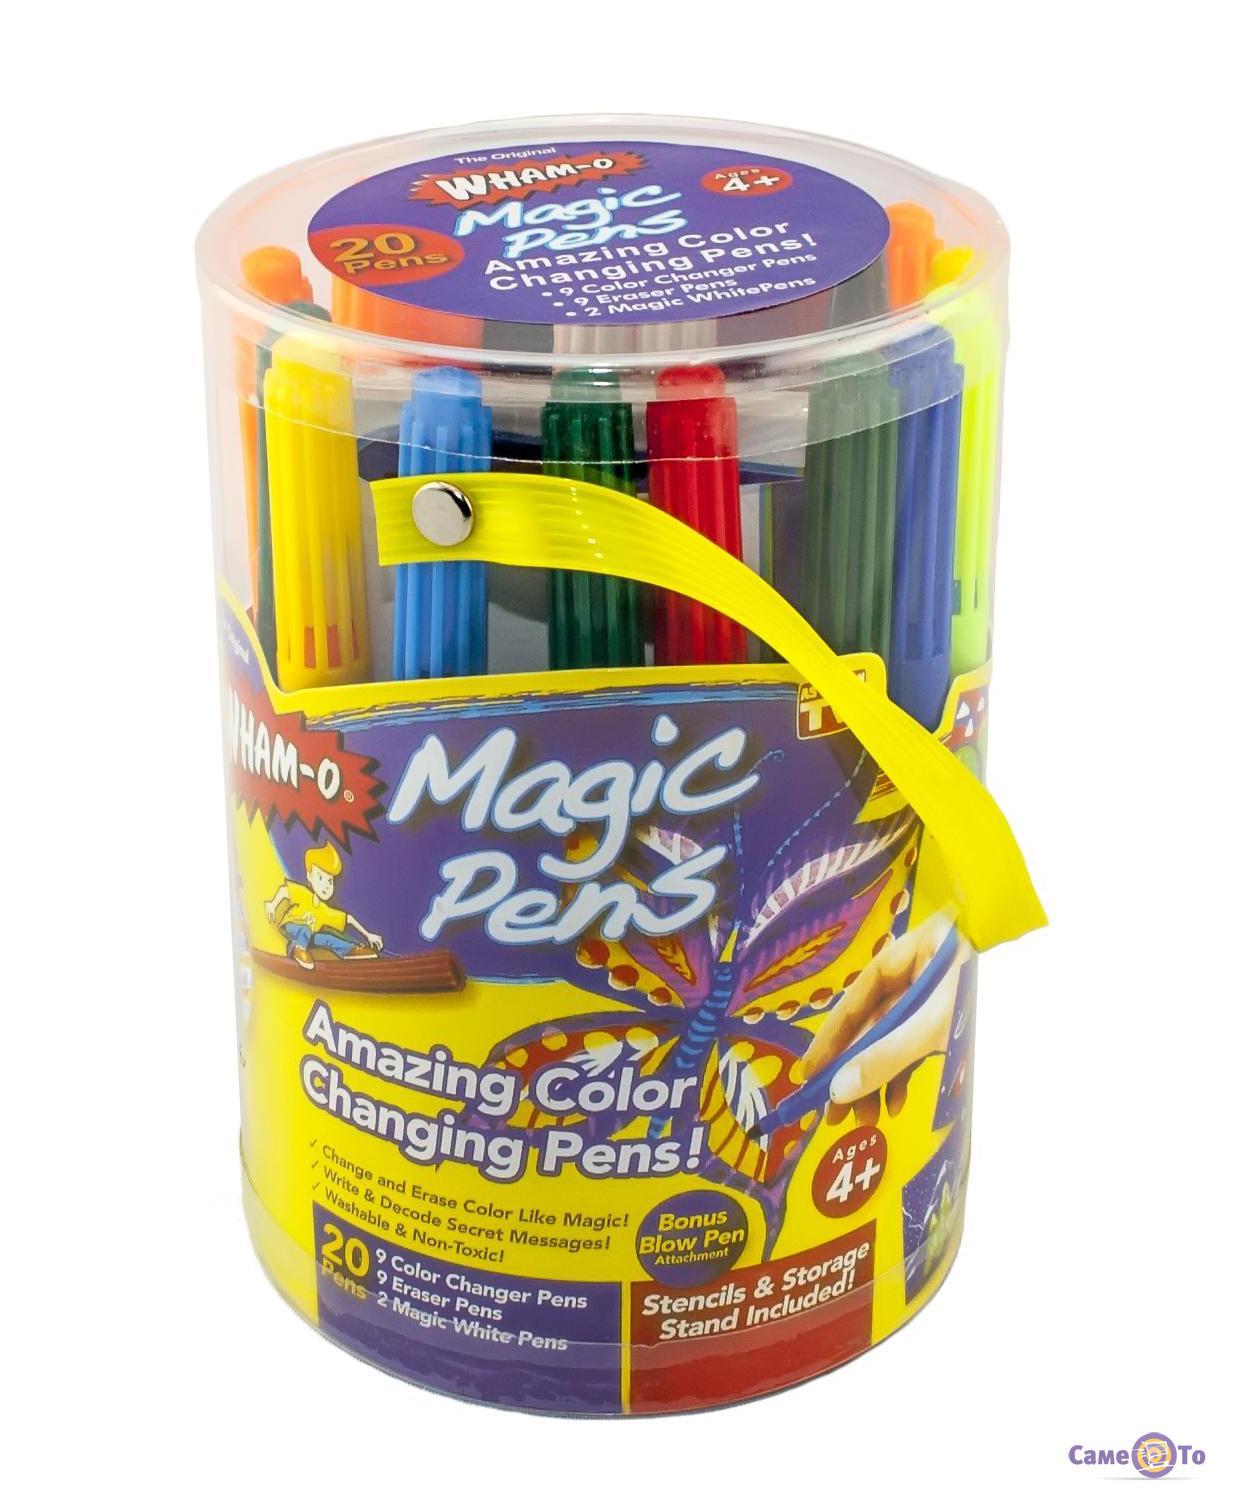 Волшебные фломастеры Magic Pens меняющие цвет - упаковка